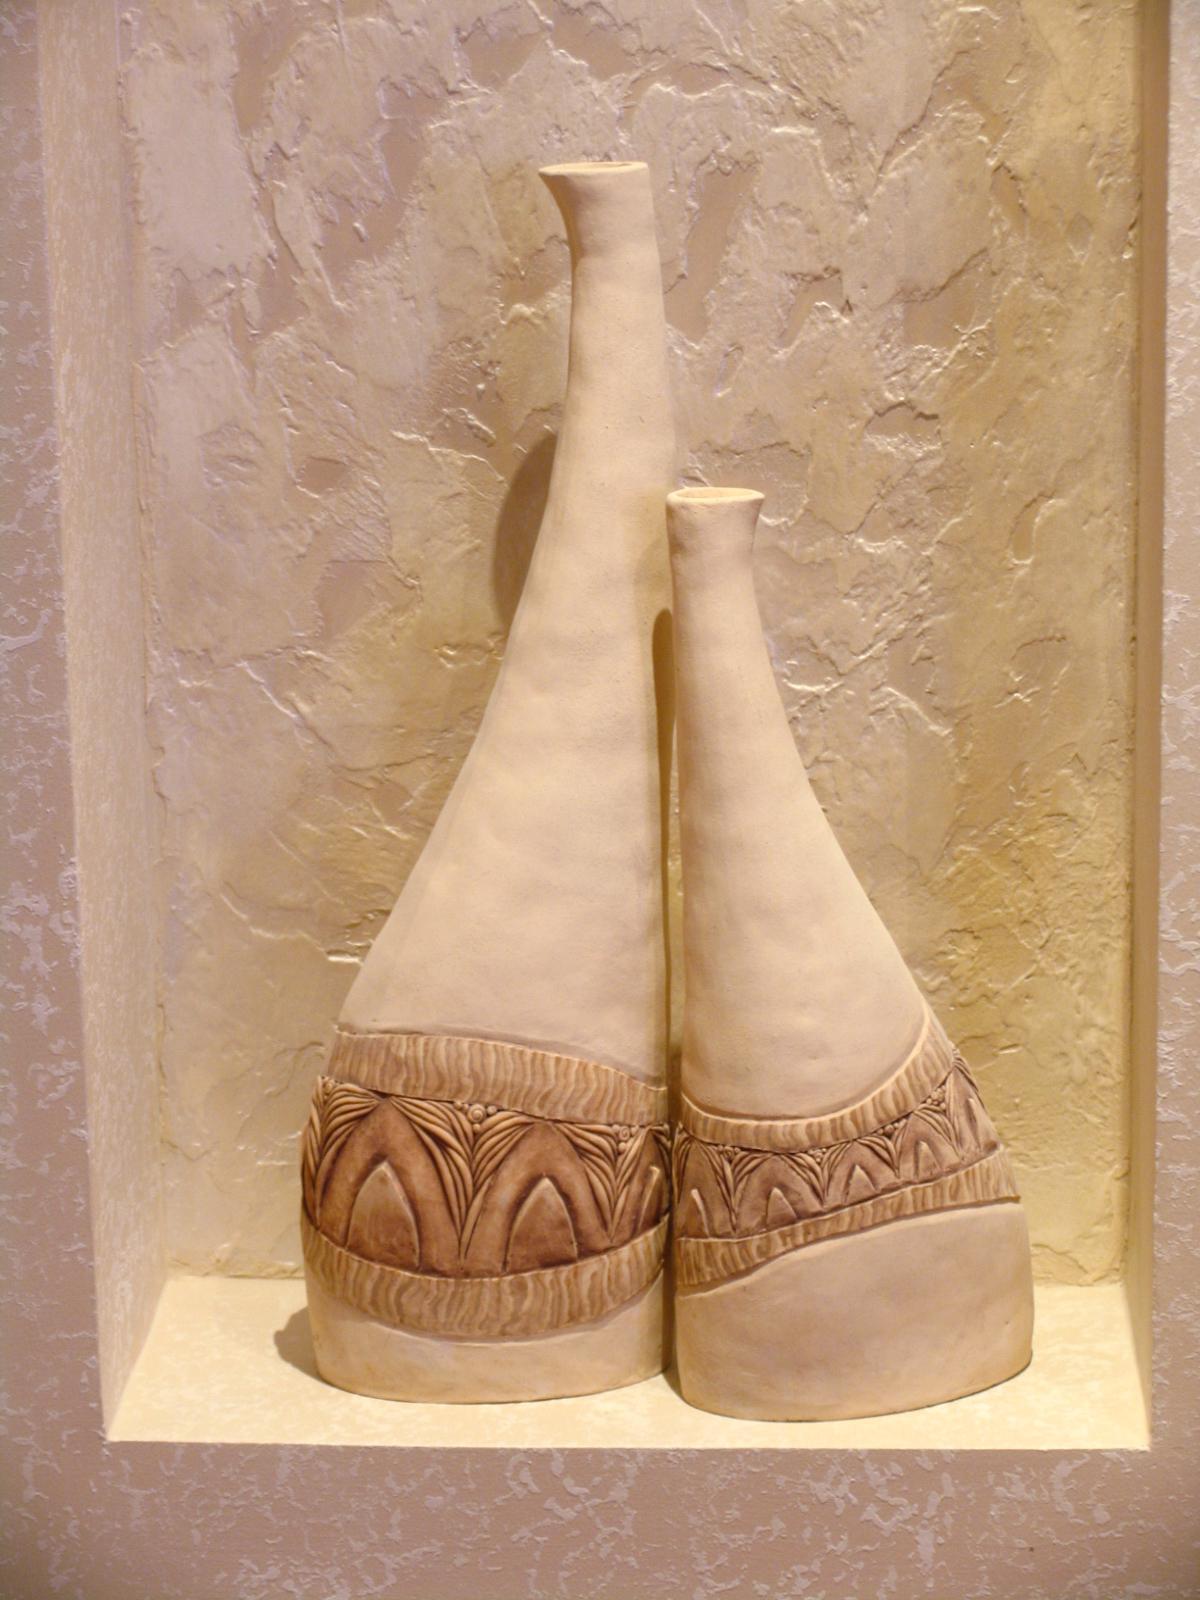 вазы в нише, цветная глина. высота 40 см